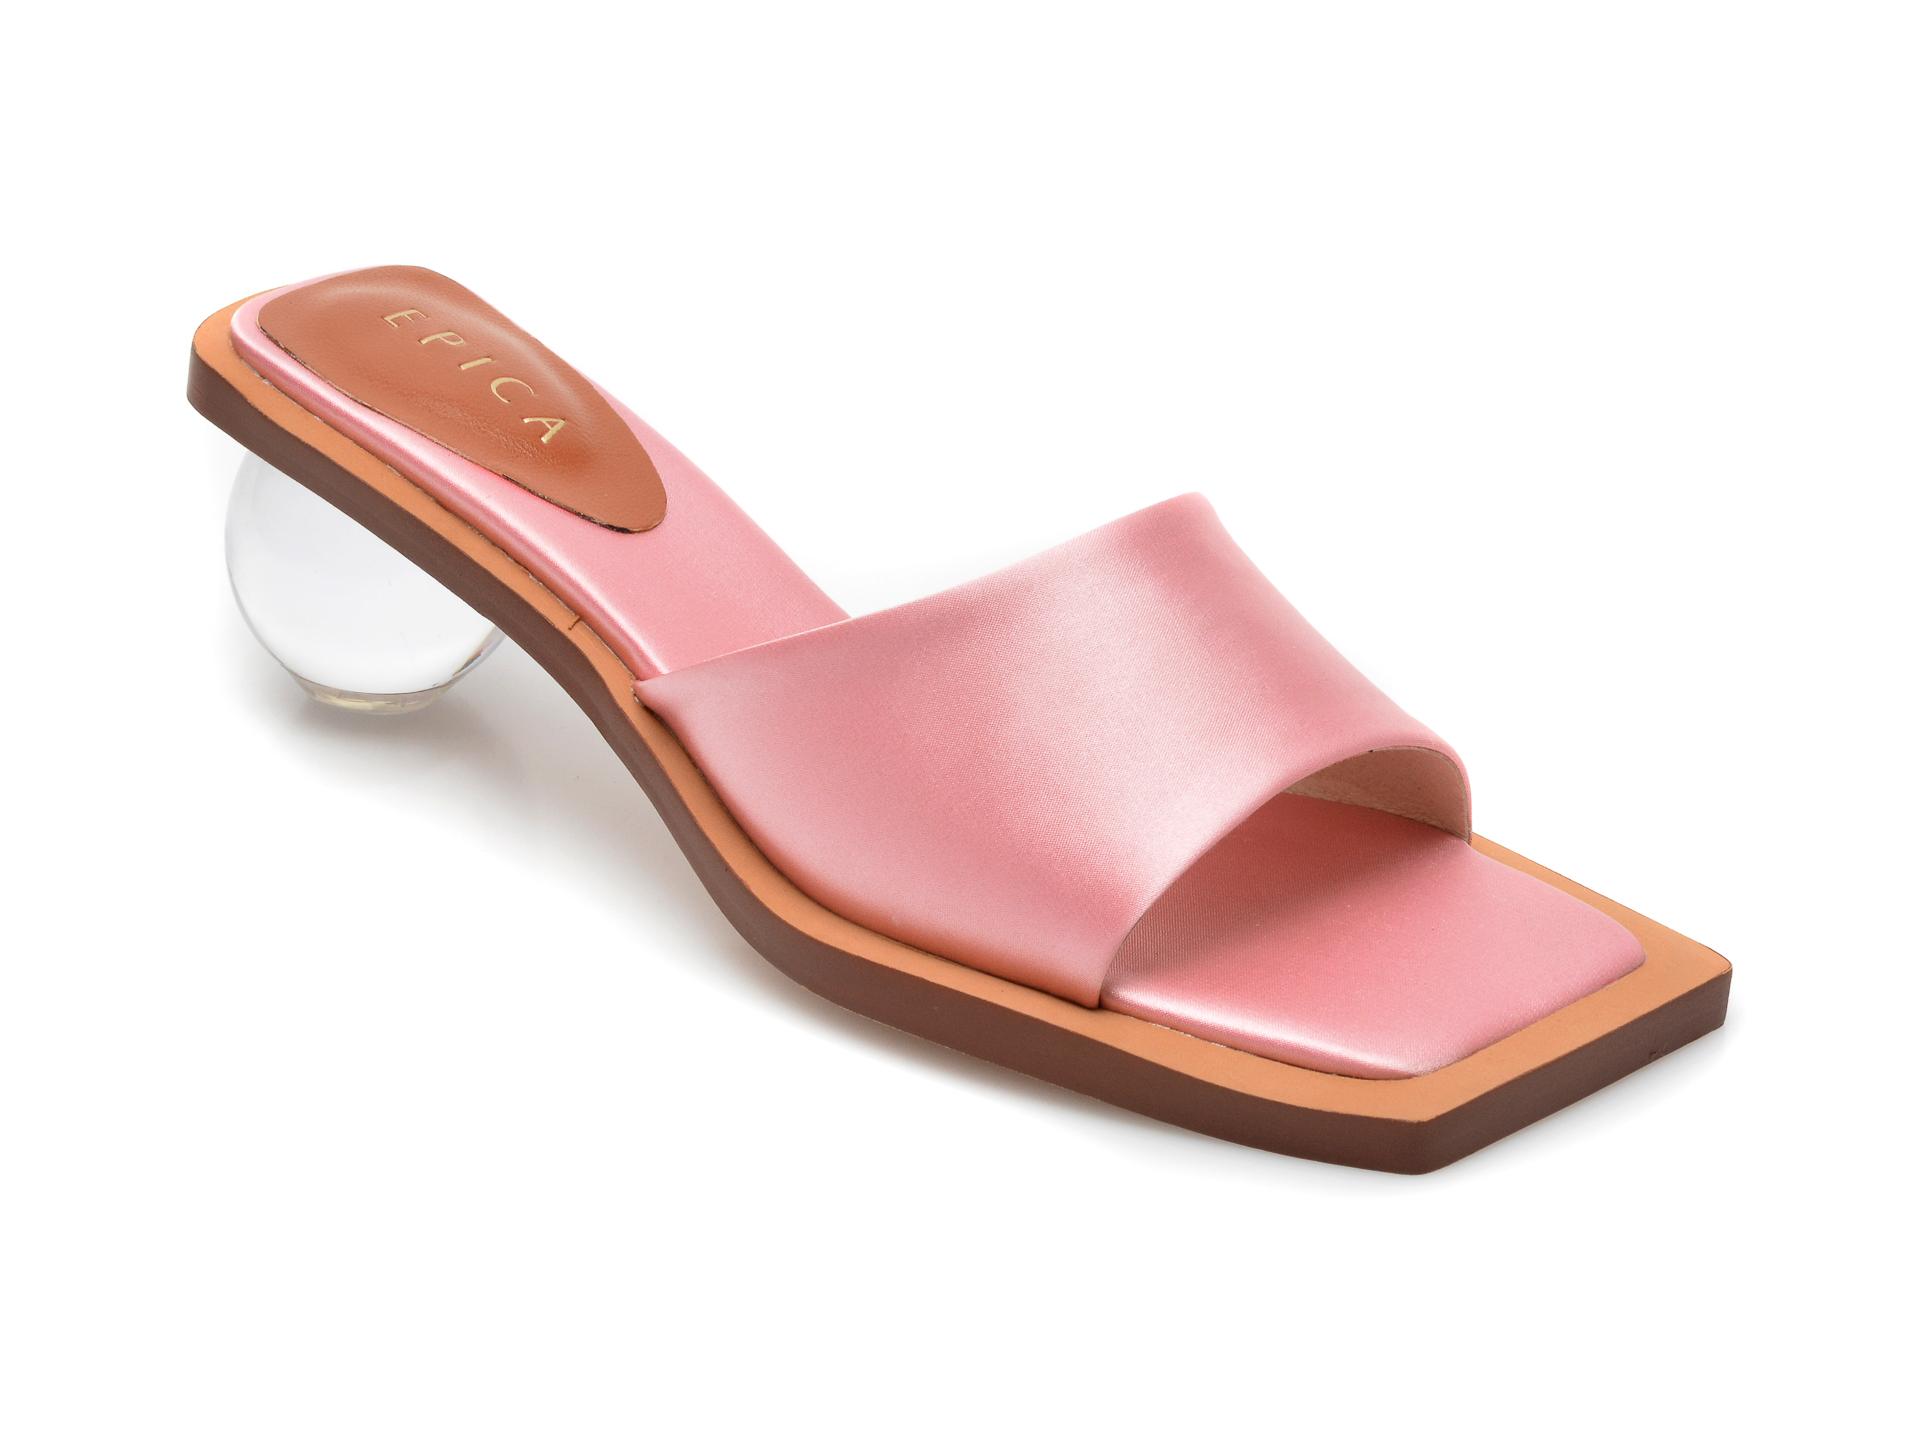 Papuci EPICA roz, L306D62, din material textil imagine otter.ro 2021